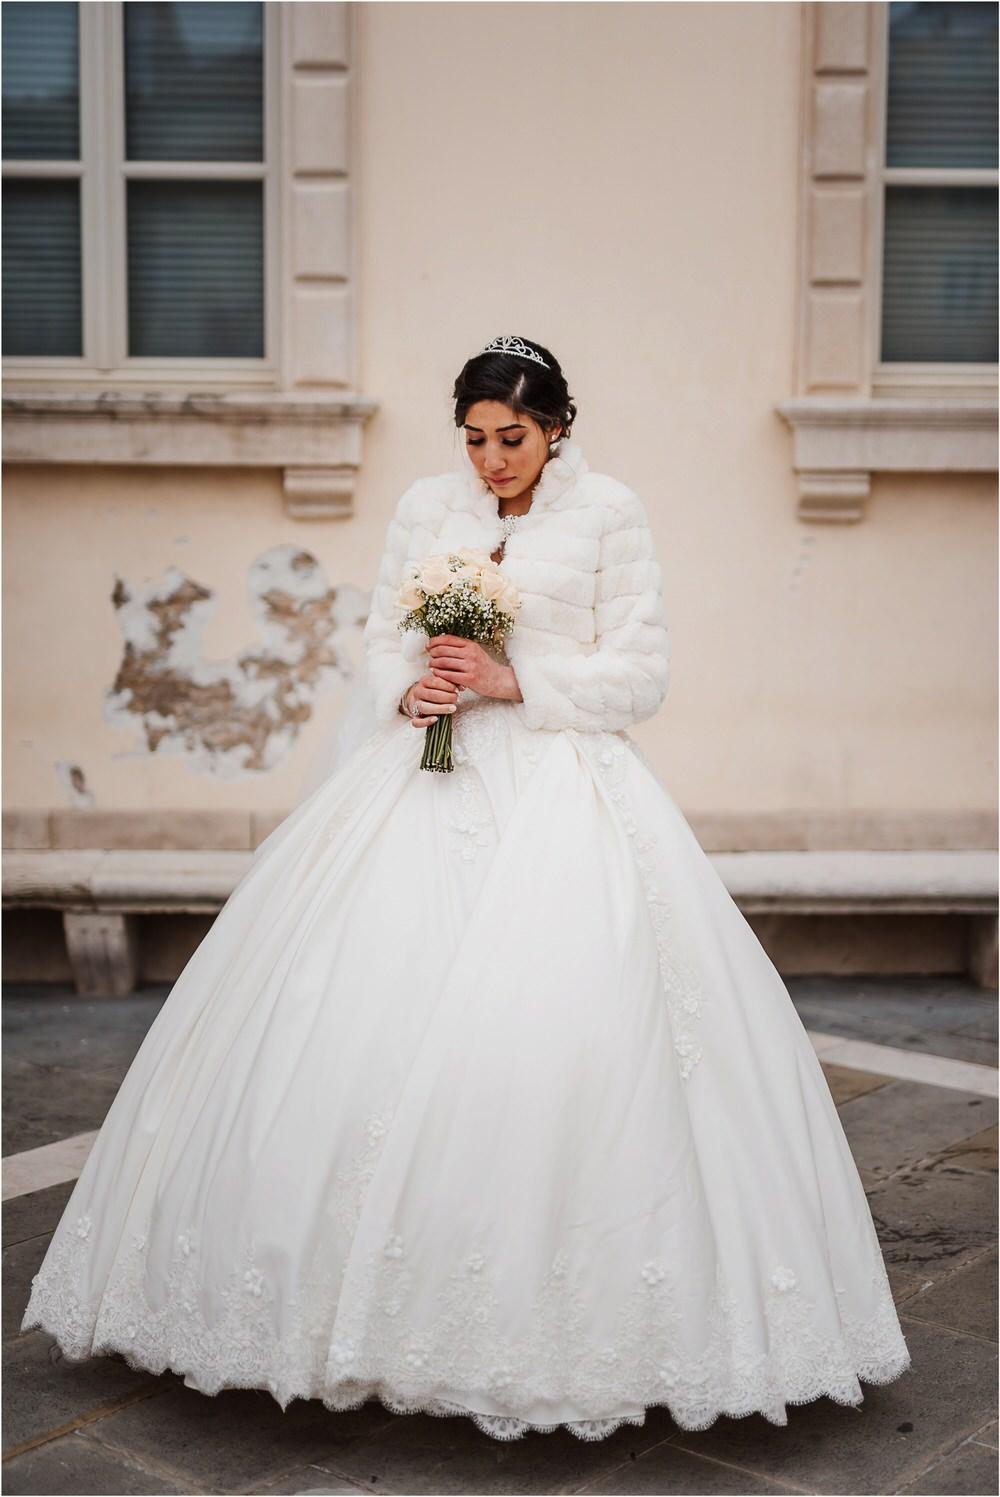 piran slovenia wedding elopement poroka obala portoroz primorska soline secovlje morje beach 0043.jpg